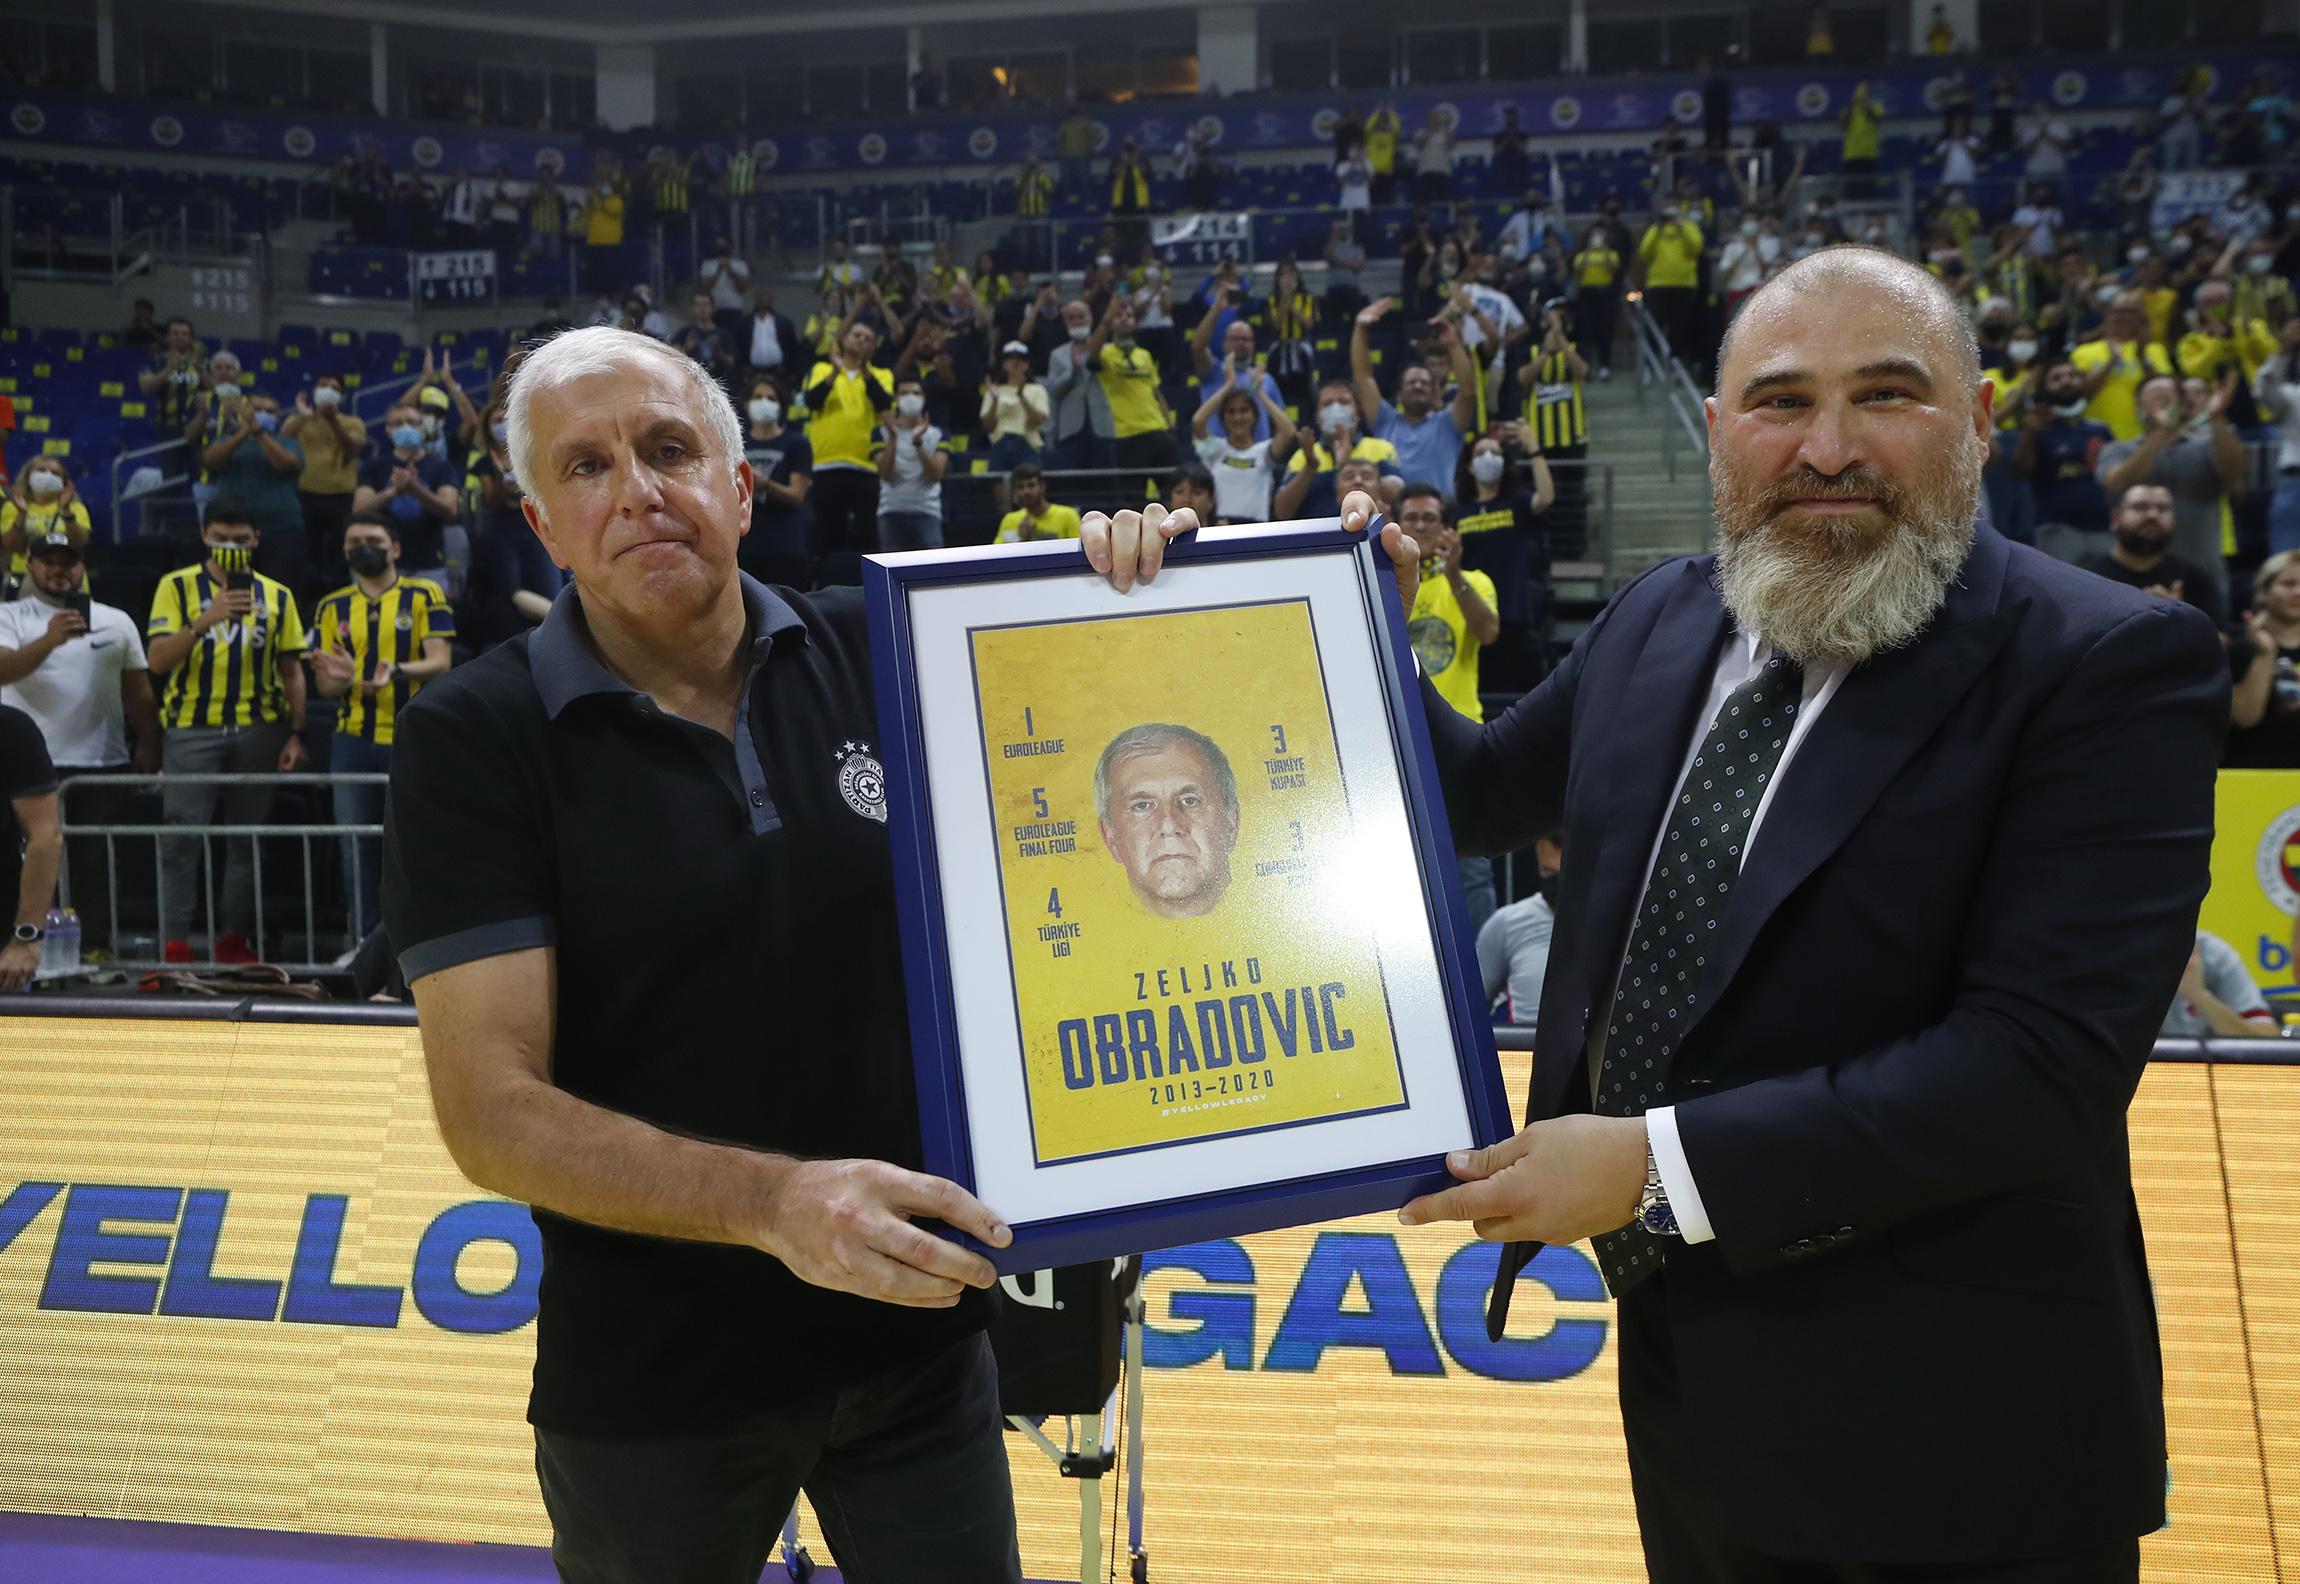 Sertac Komsuoglu Obradovic